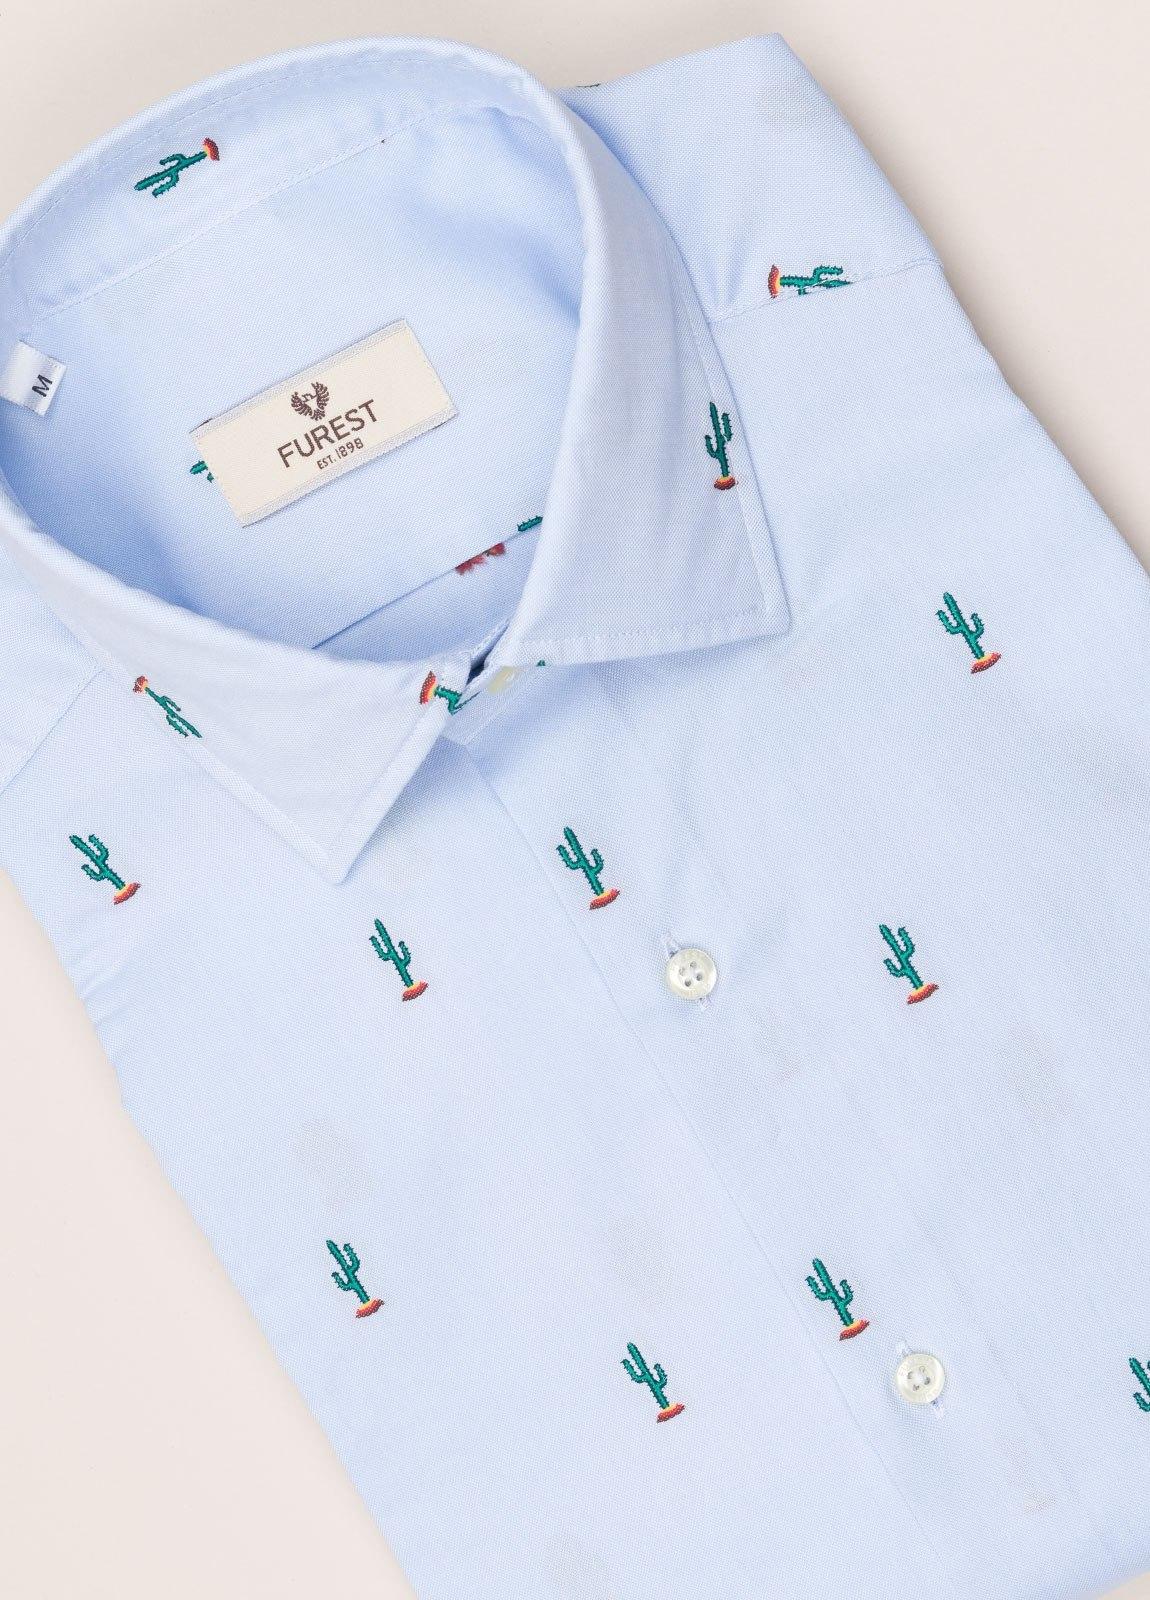 Camisa sport FUREST COLECCIÓN SLIM FIT fil coupé cactus - Ítem1